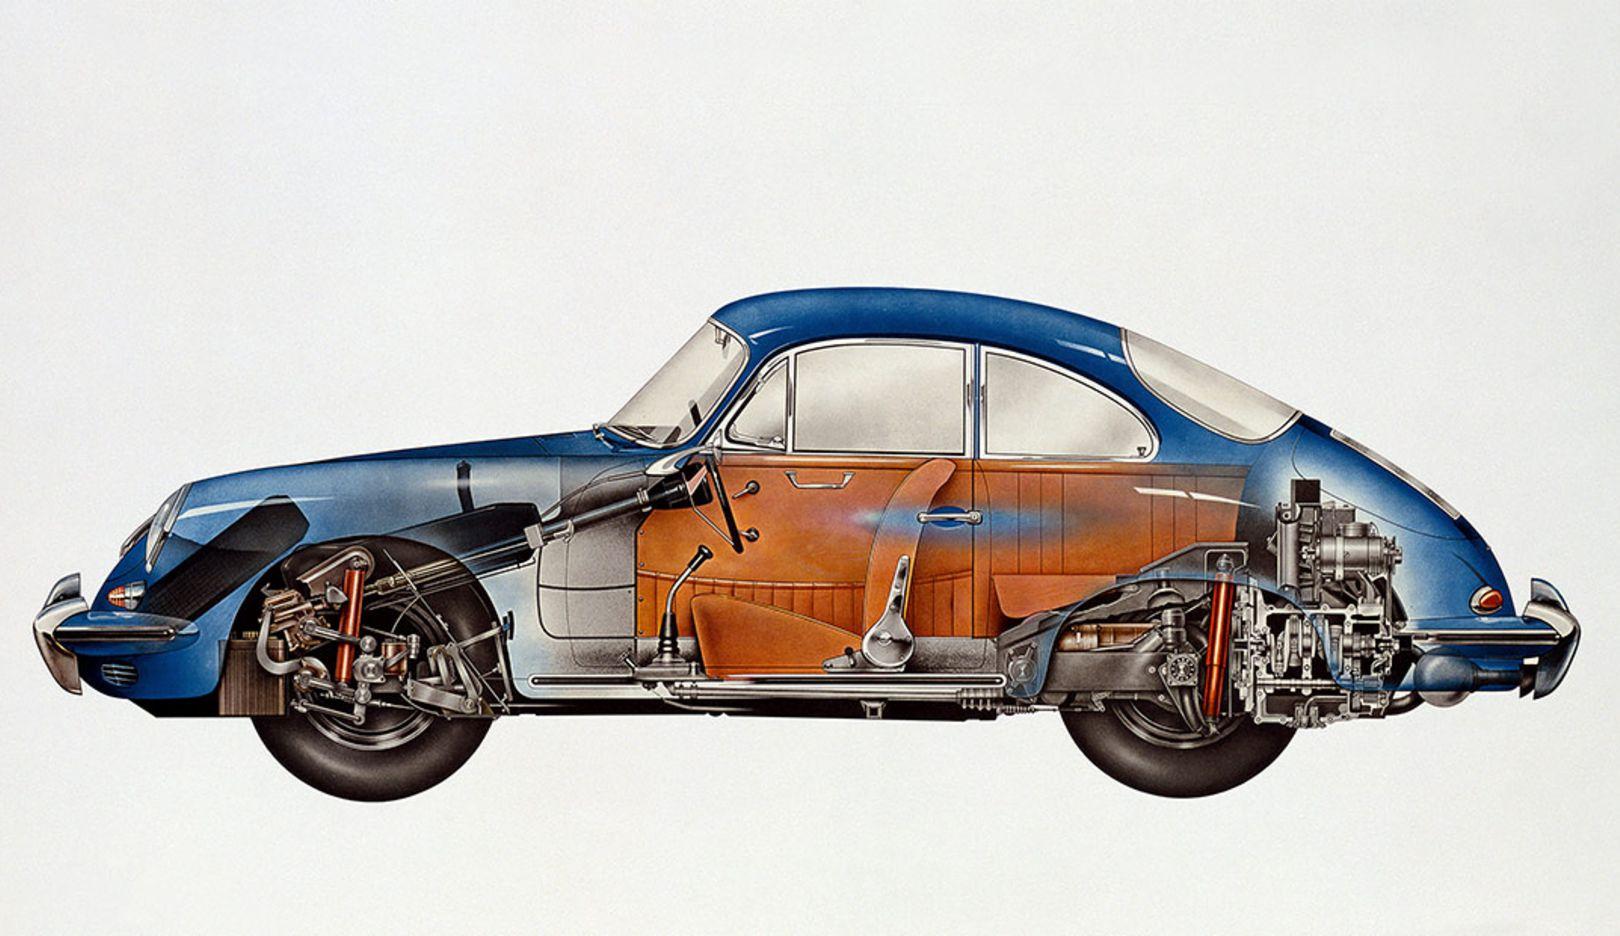 Röntgenblick eines Porsches, 2014, Porsche AG